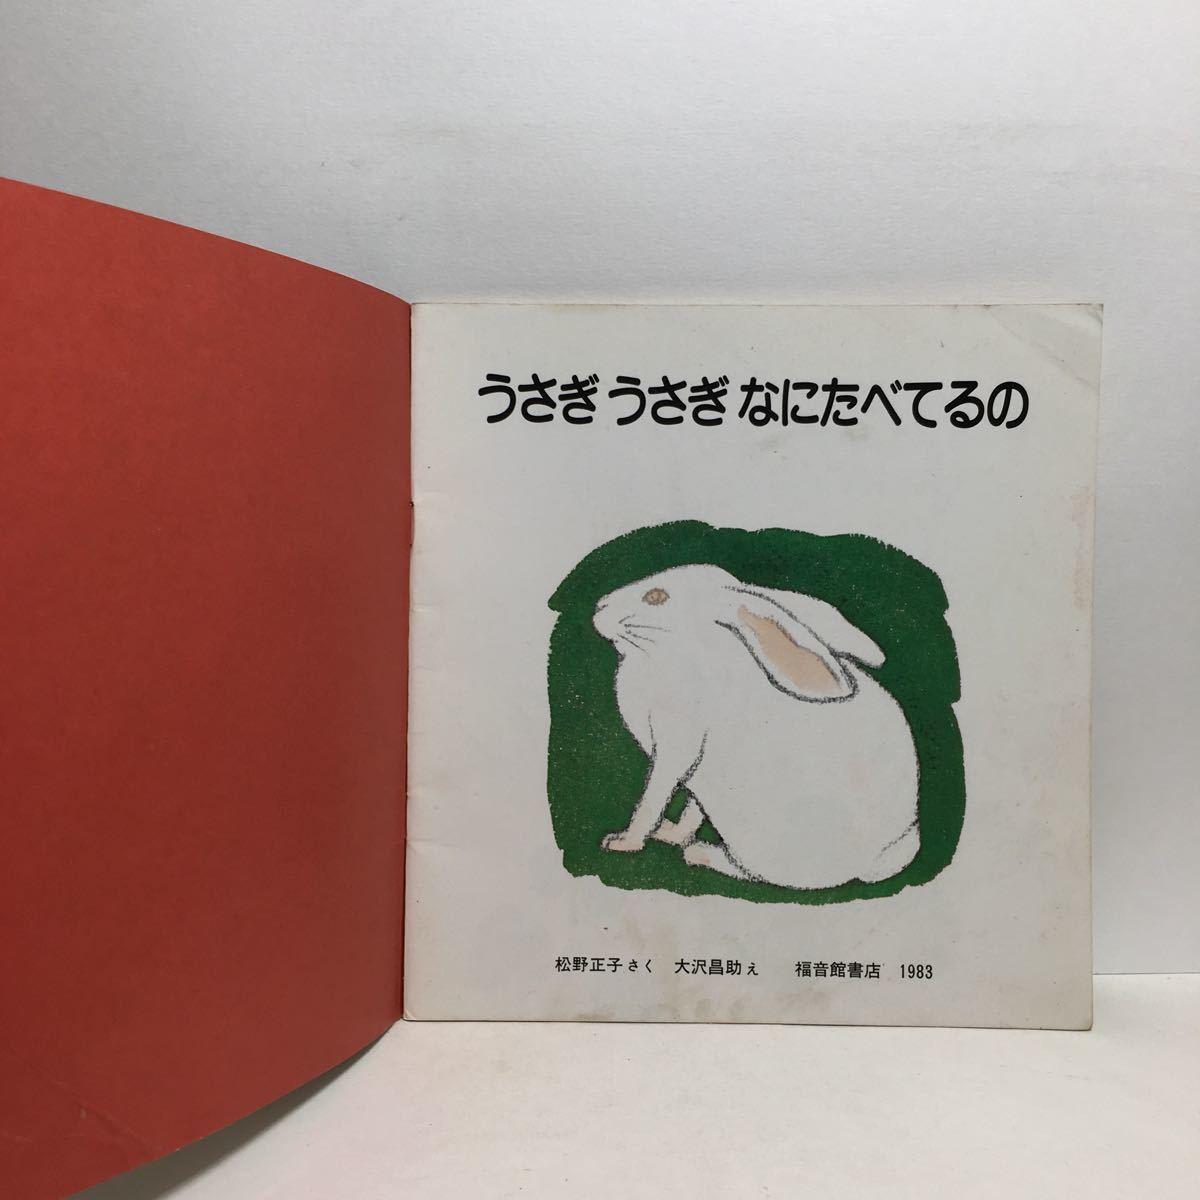 y3/うさぎうさぎ なにたべてるの 松野正子・作 大沢昌助・絵 年少版こどものとも 福音館書店 1983年 ゆうメール送料180円_画像3